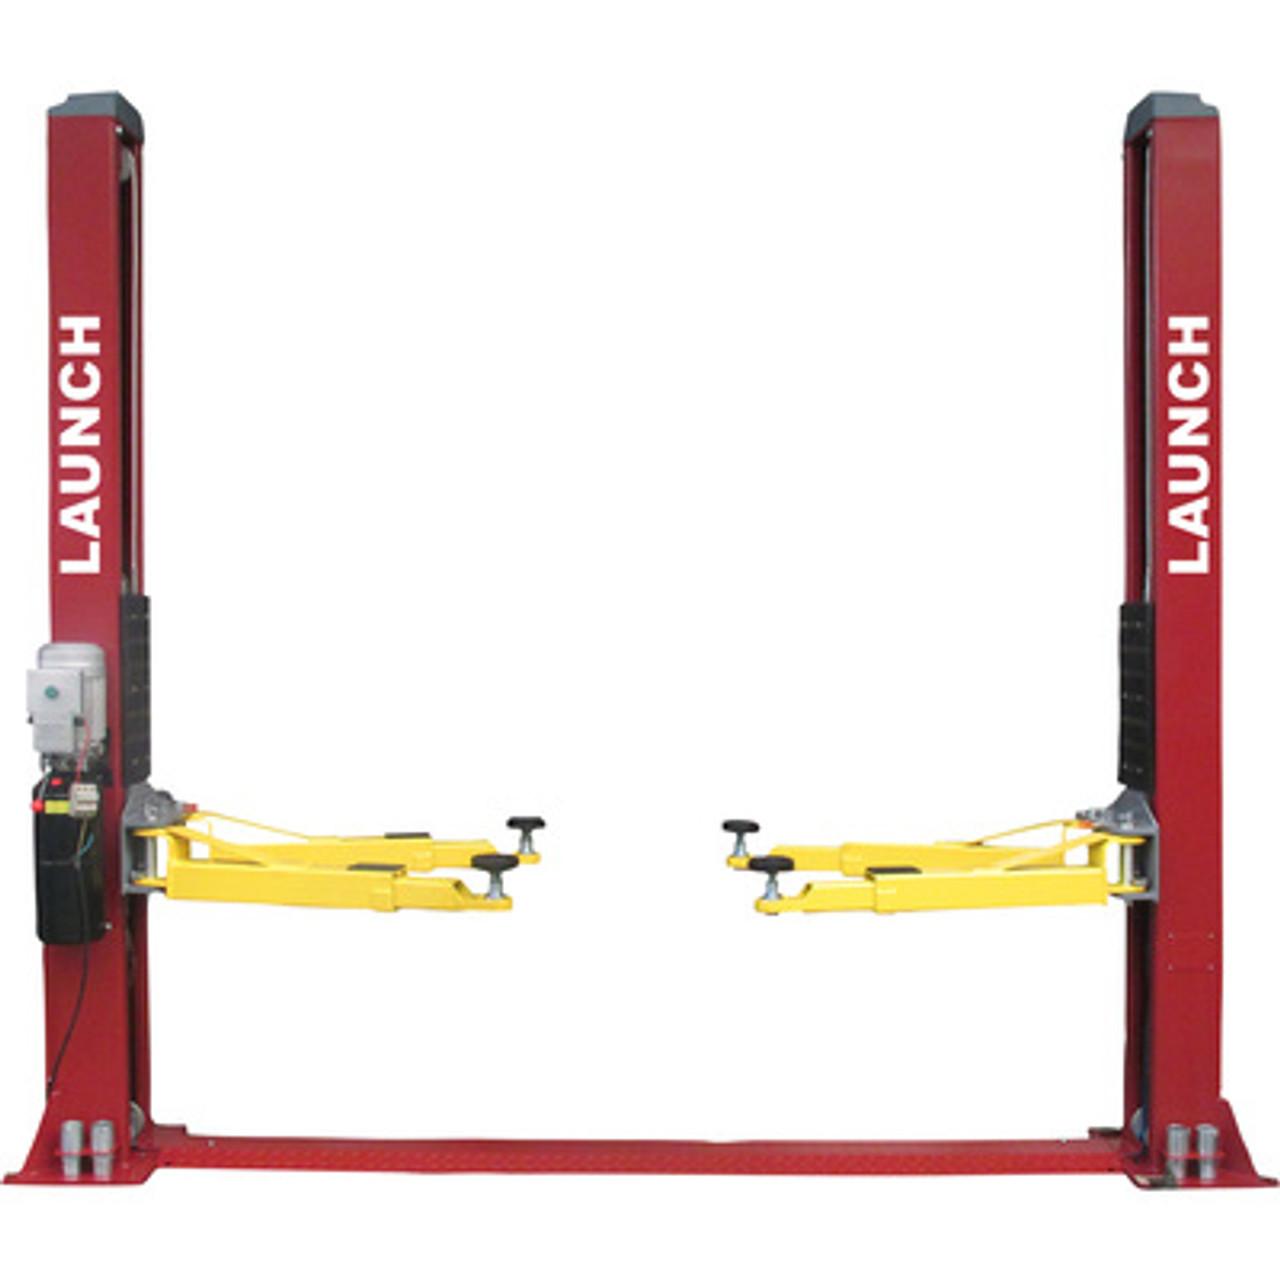 LAUNCH TLT240SB 9,000 lb Floor Plate Symmetric 2 Post Lift